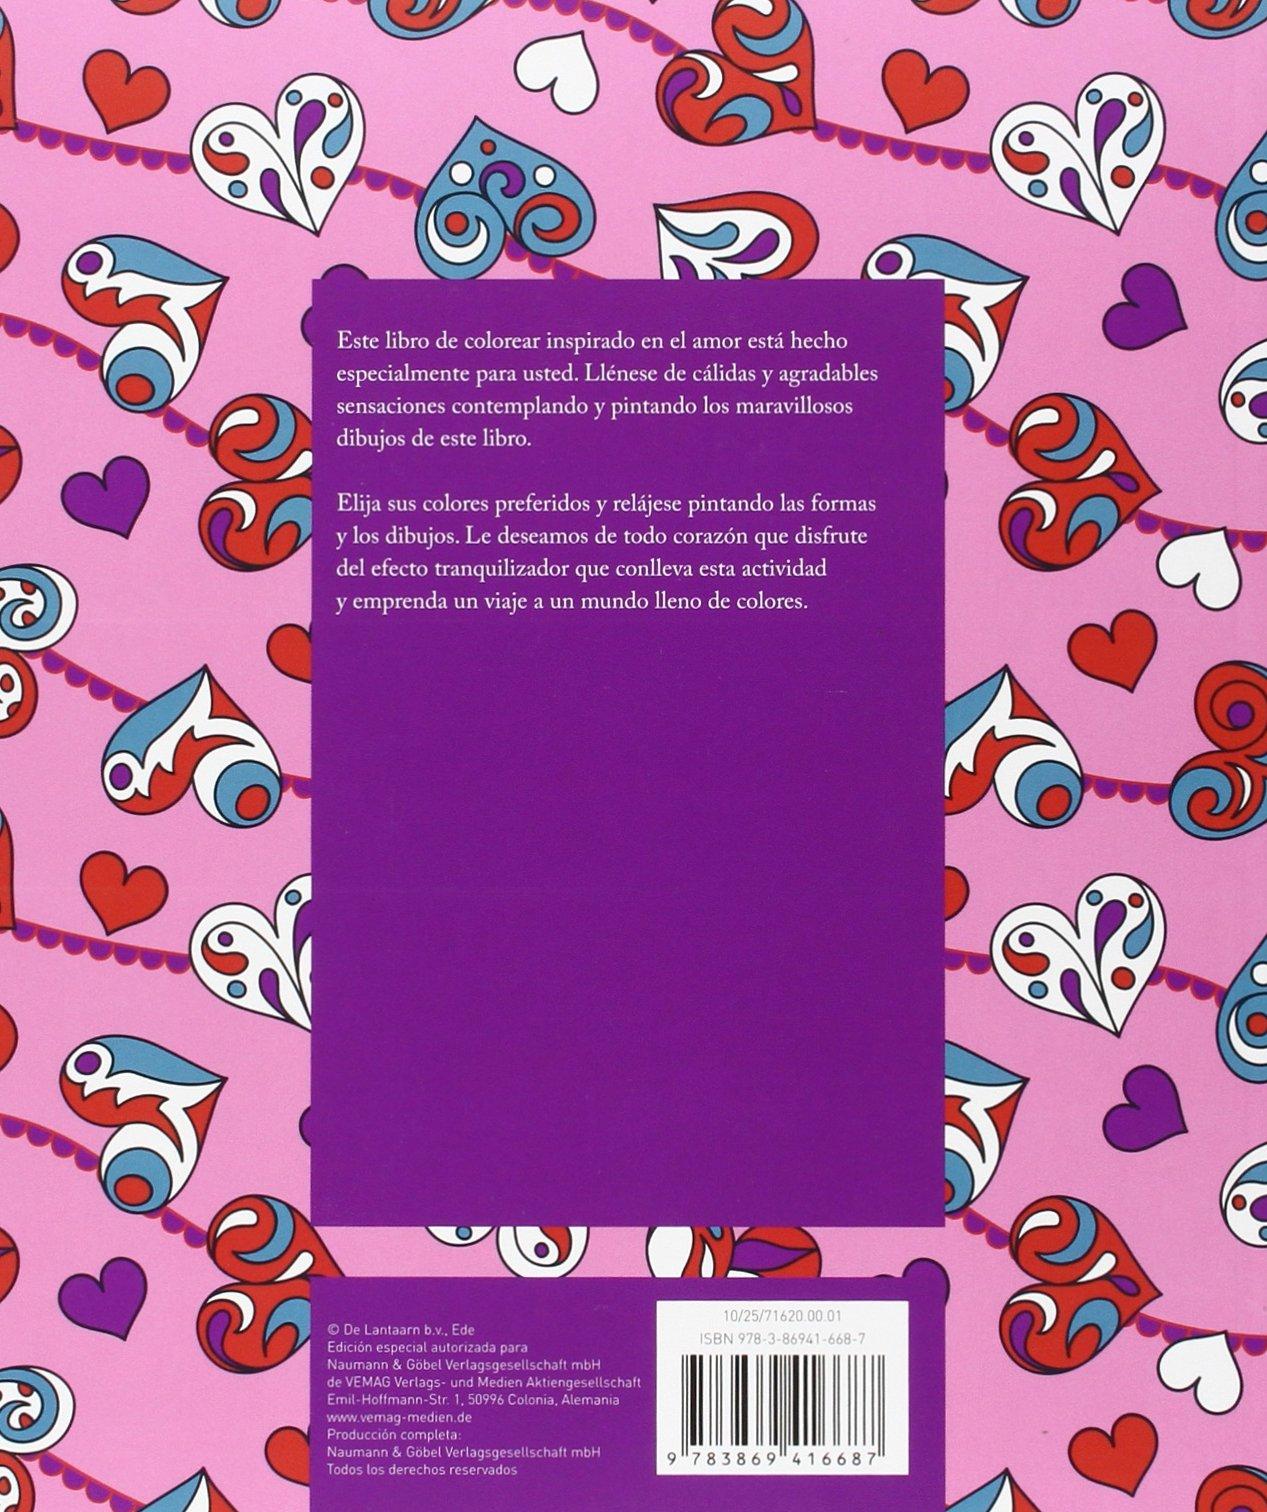 Corazones: Colorear contra el estrés para adultos: VV.AA.: 9783869416687: Amazon.com: Books